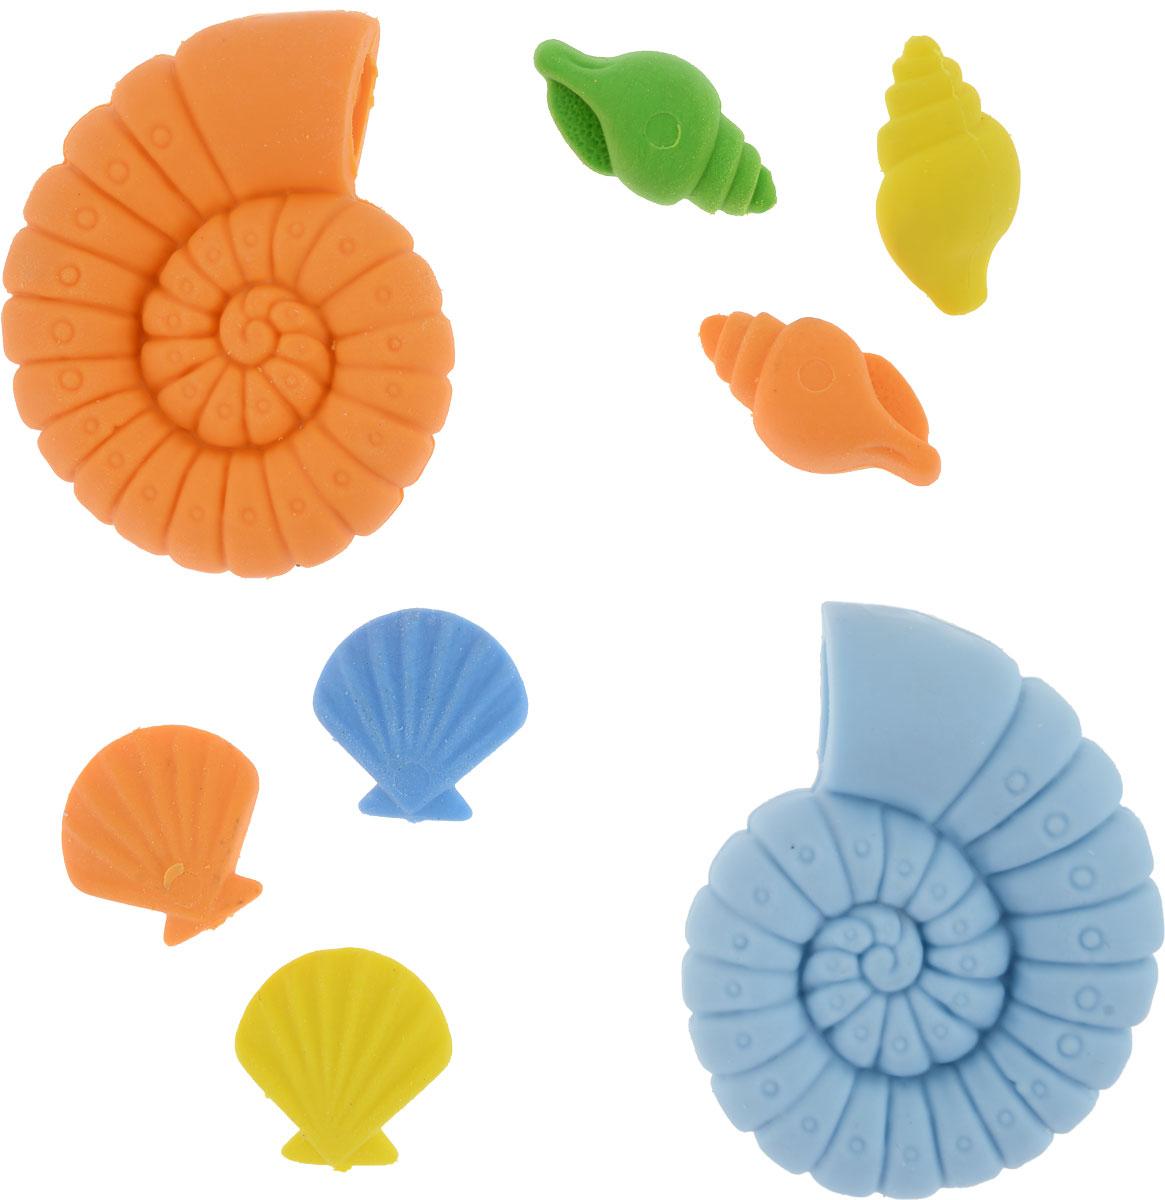 Карамба Набор ластиков Ракушка 8 шт4042Ластики Карамба Ракушка с плотной структурой изготовлены для эффективного стираниякарандашей различной твердости. Ластик обеспечивает высокое качество коррекции и неповреждает поверхность бумаги. Ластики выполнены в виде разноцветных ракушек. Уважаемые клиенты!Обращаем ваше внимание на цветовой ассортимент товара. Поставка осуществляется взависимости от наличия на складе.